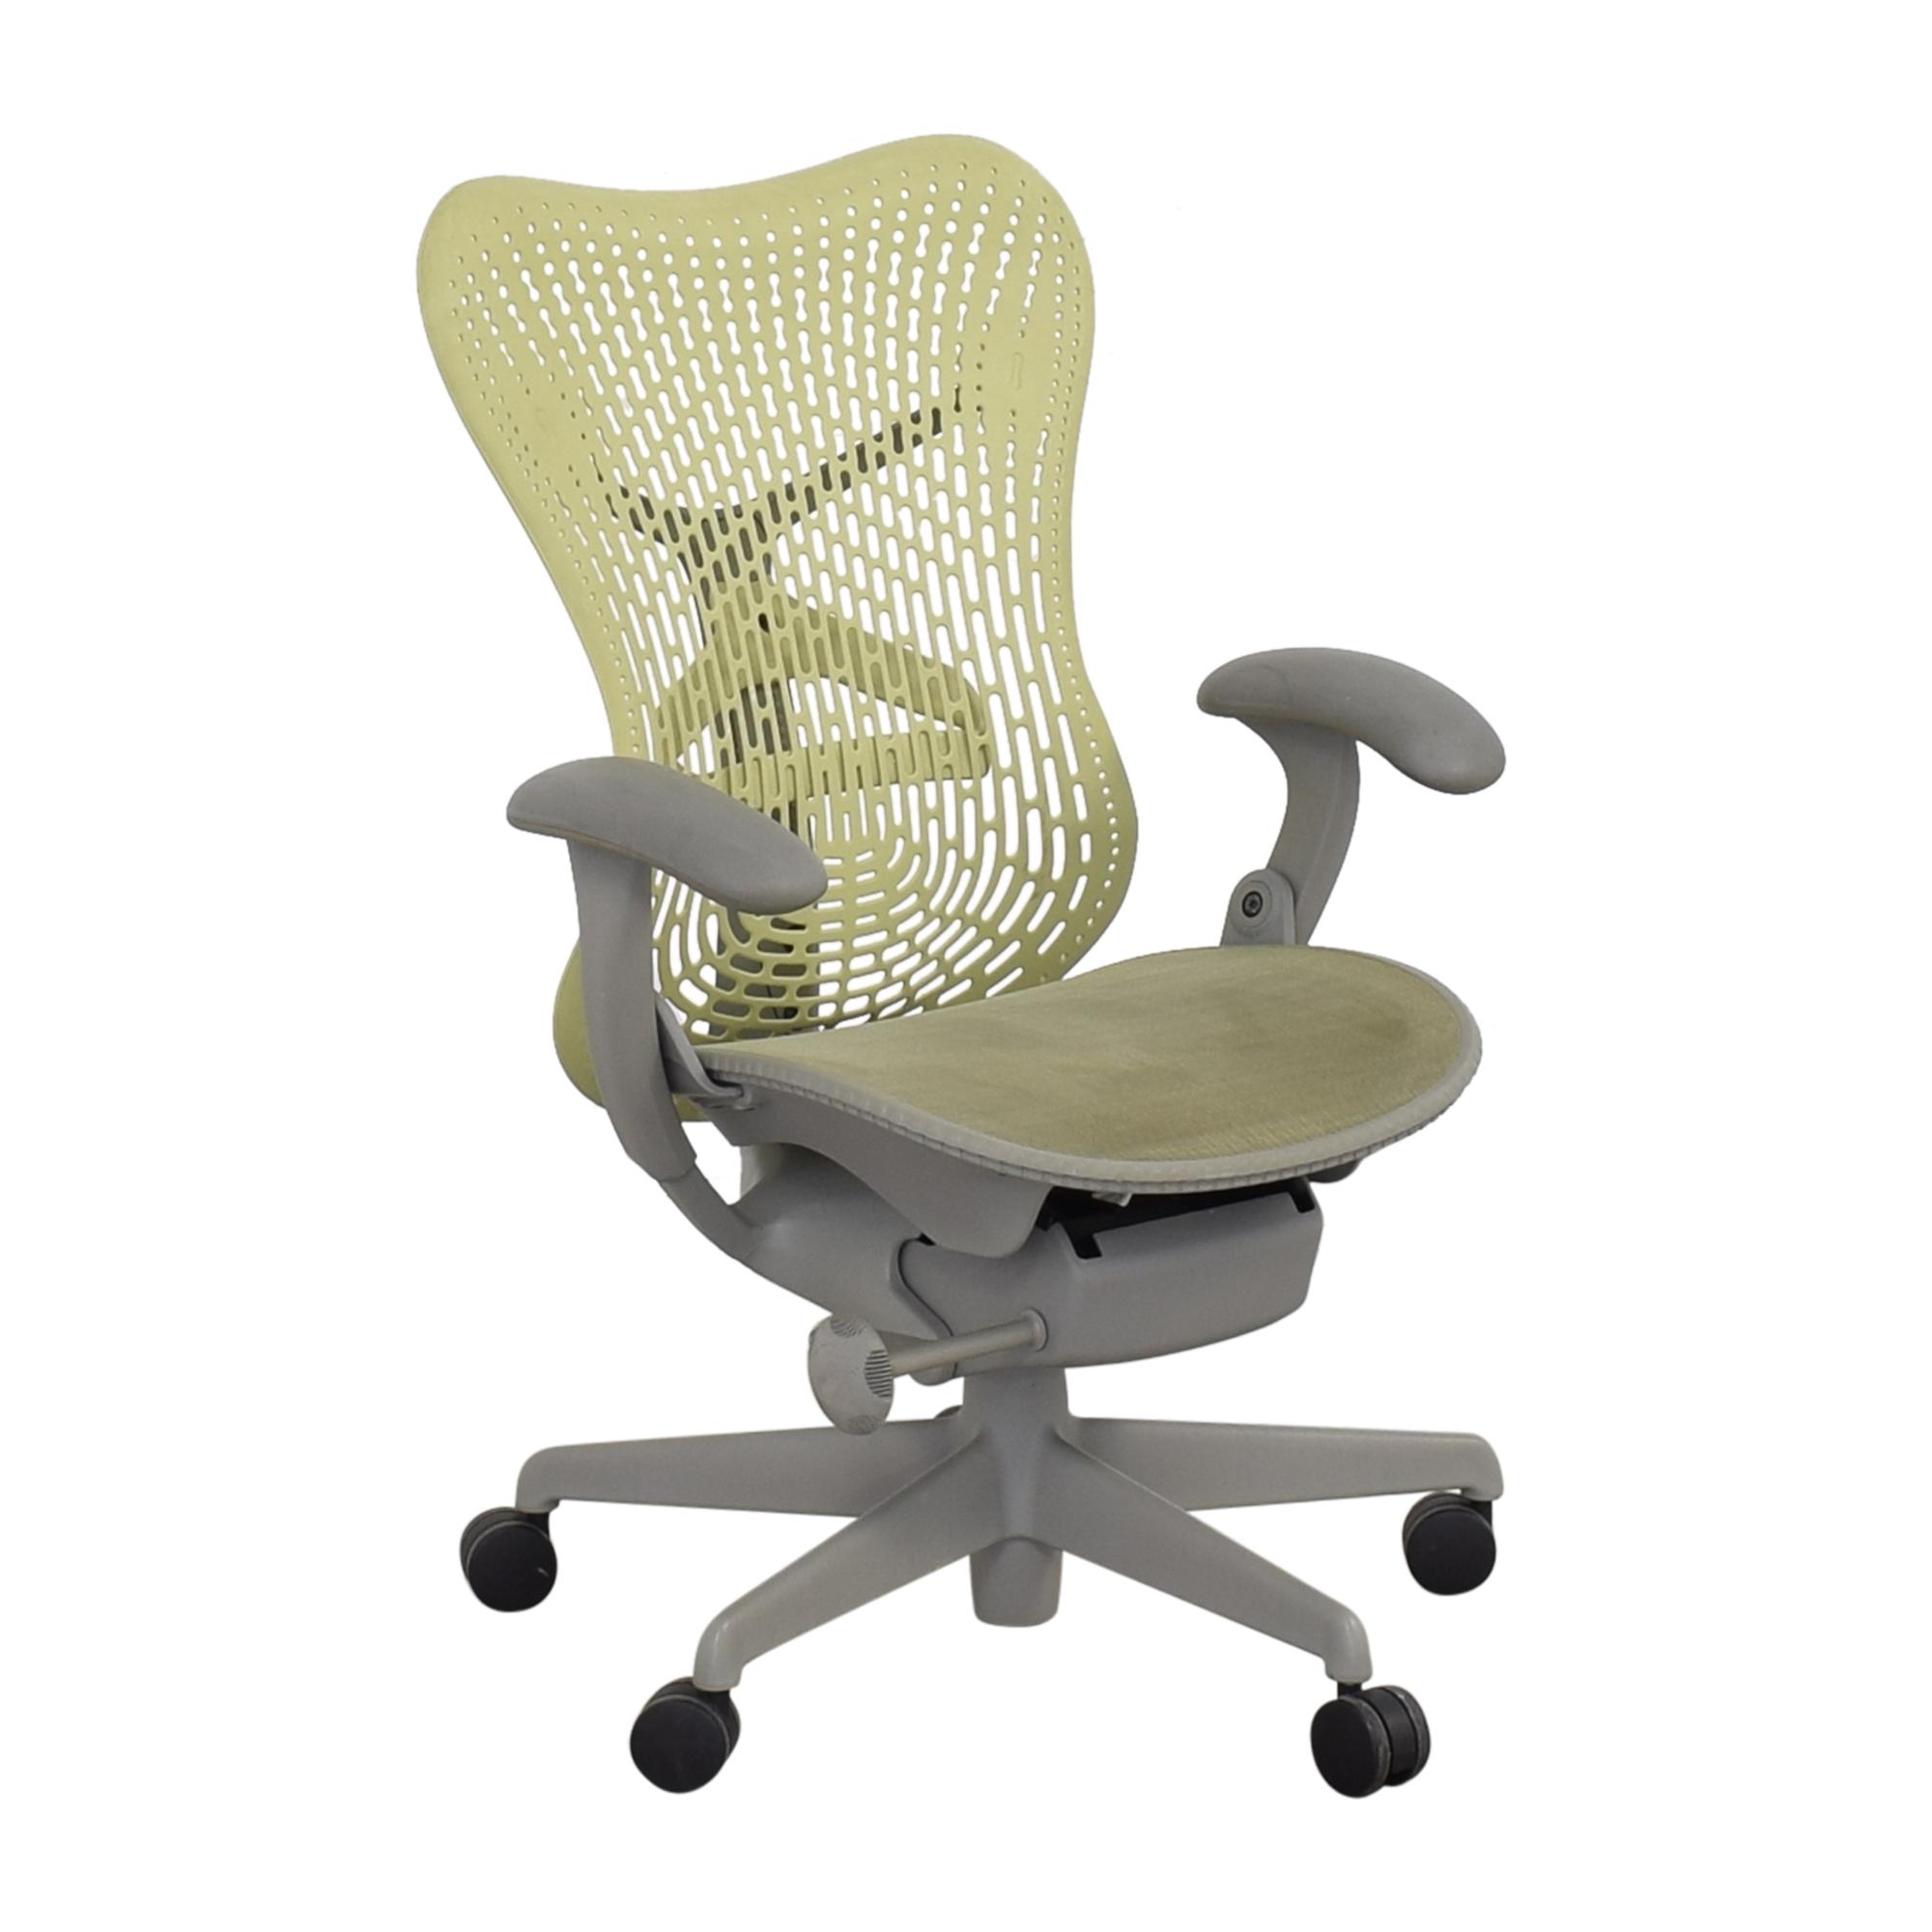 Herman Miller Herman Miller Mirra Chair Chairs